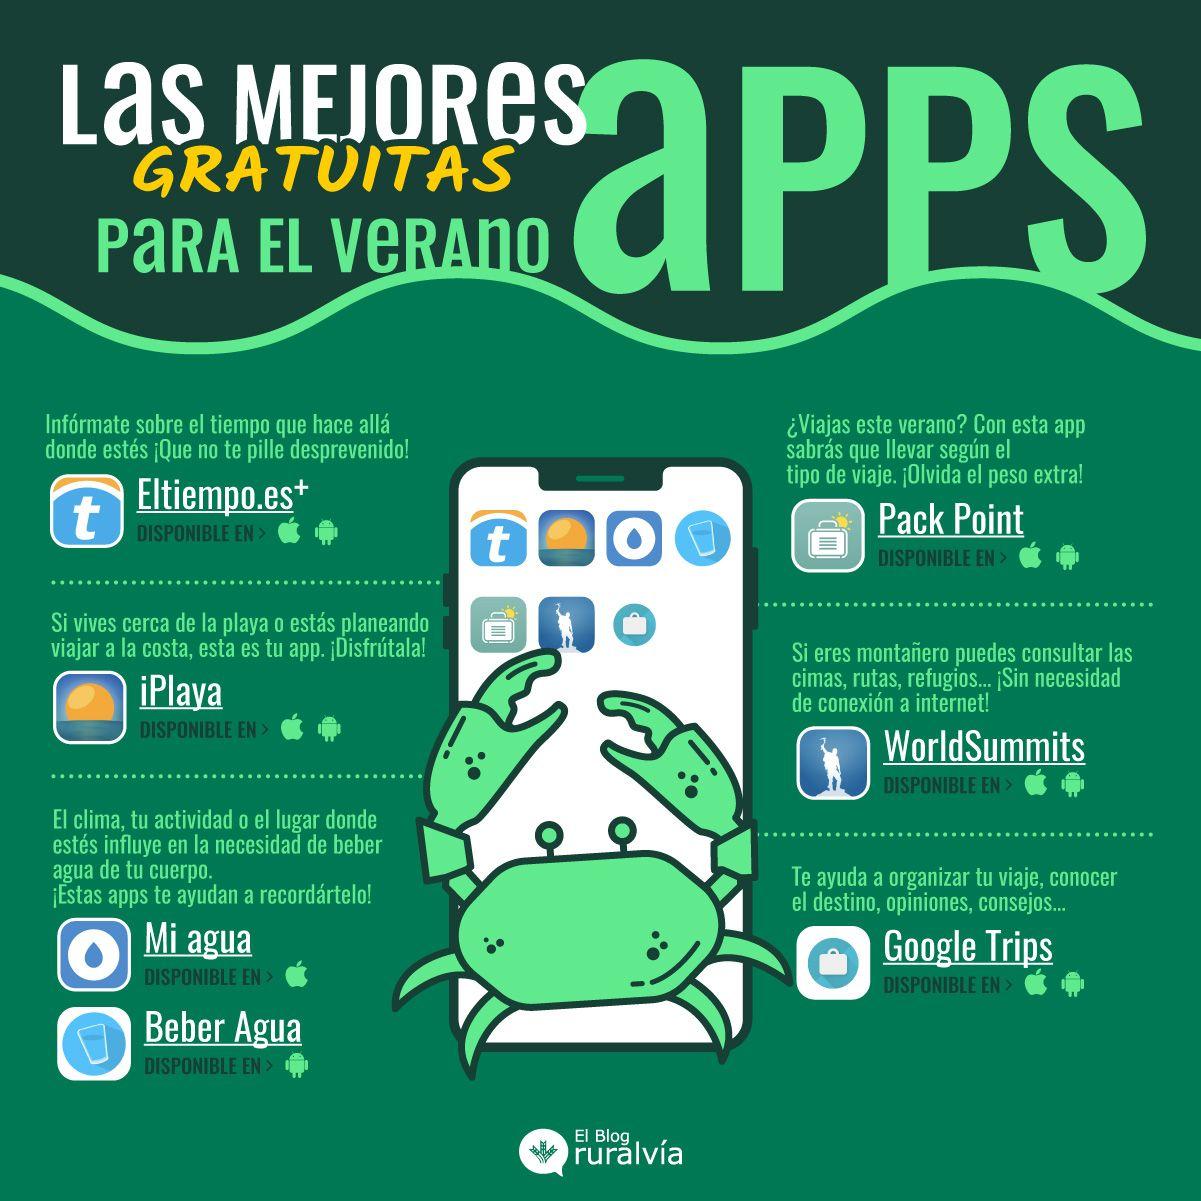 Las mejores apps gratuitas para verano